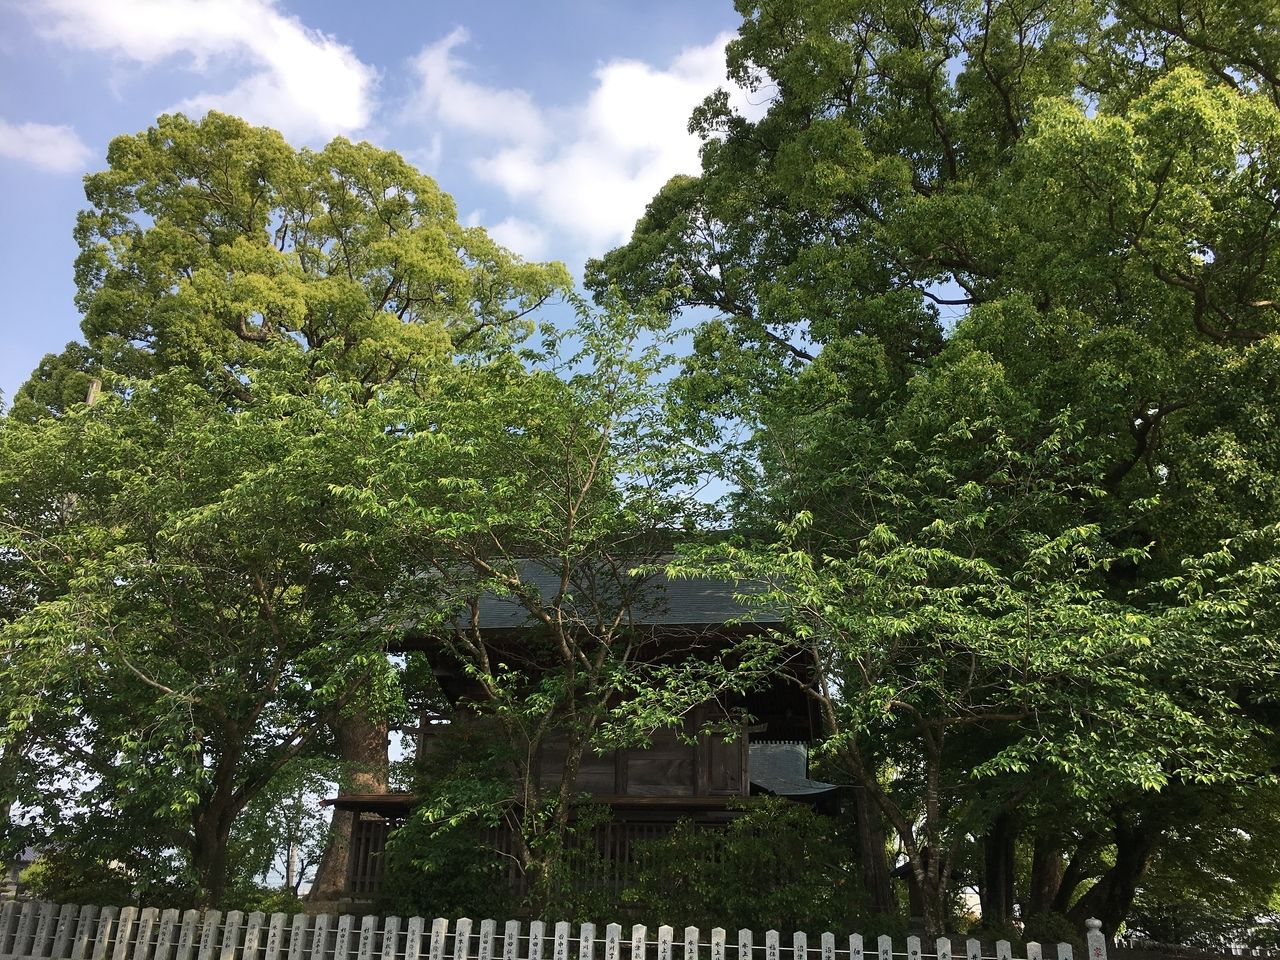 熊本市東区の沼山津神社の新緑の中に佇む本殿と玉垣